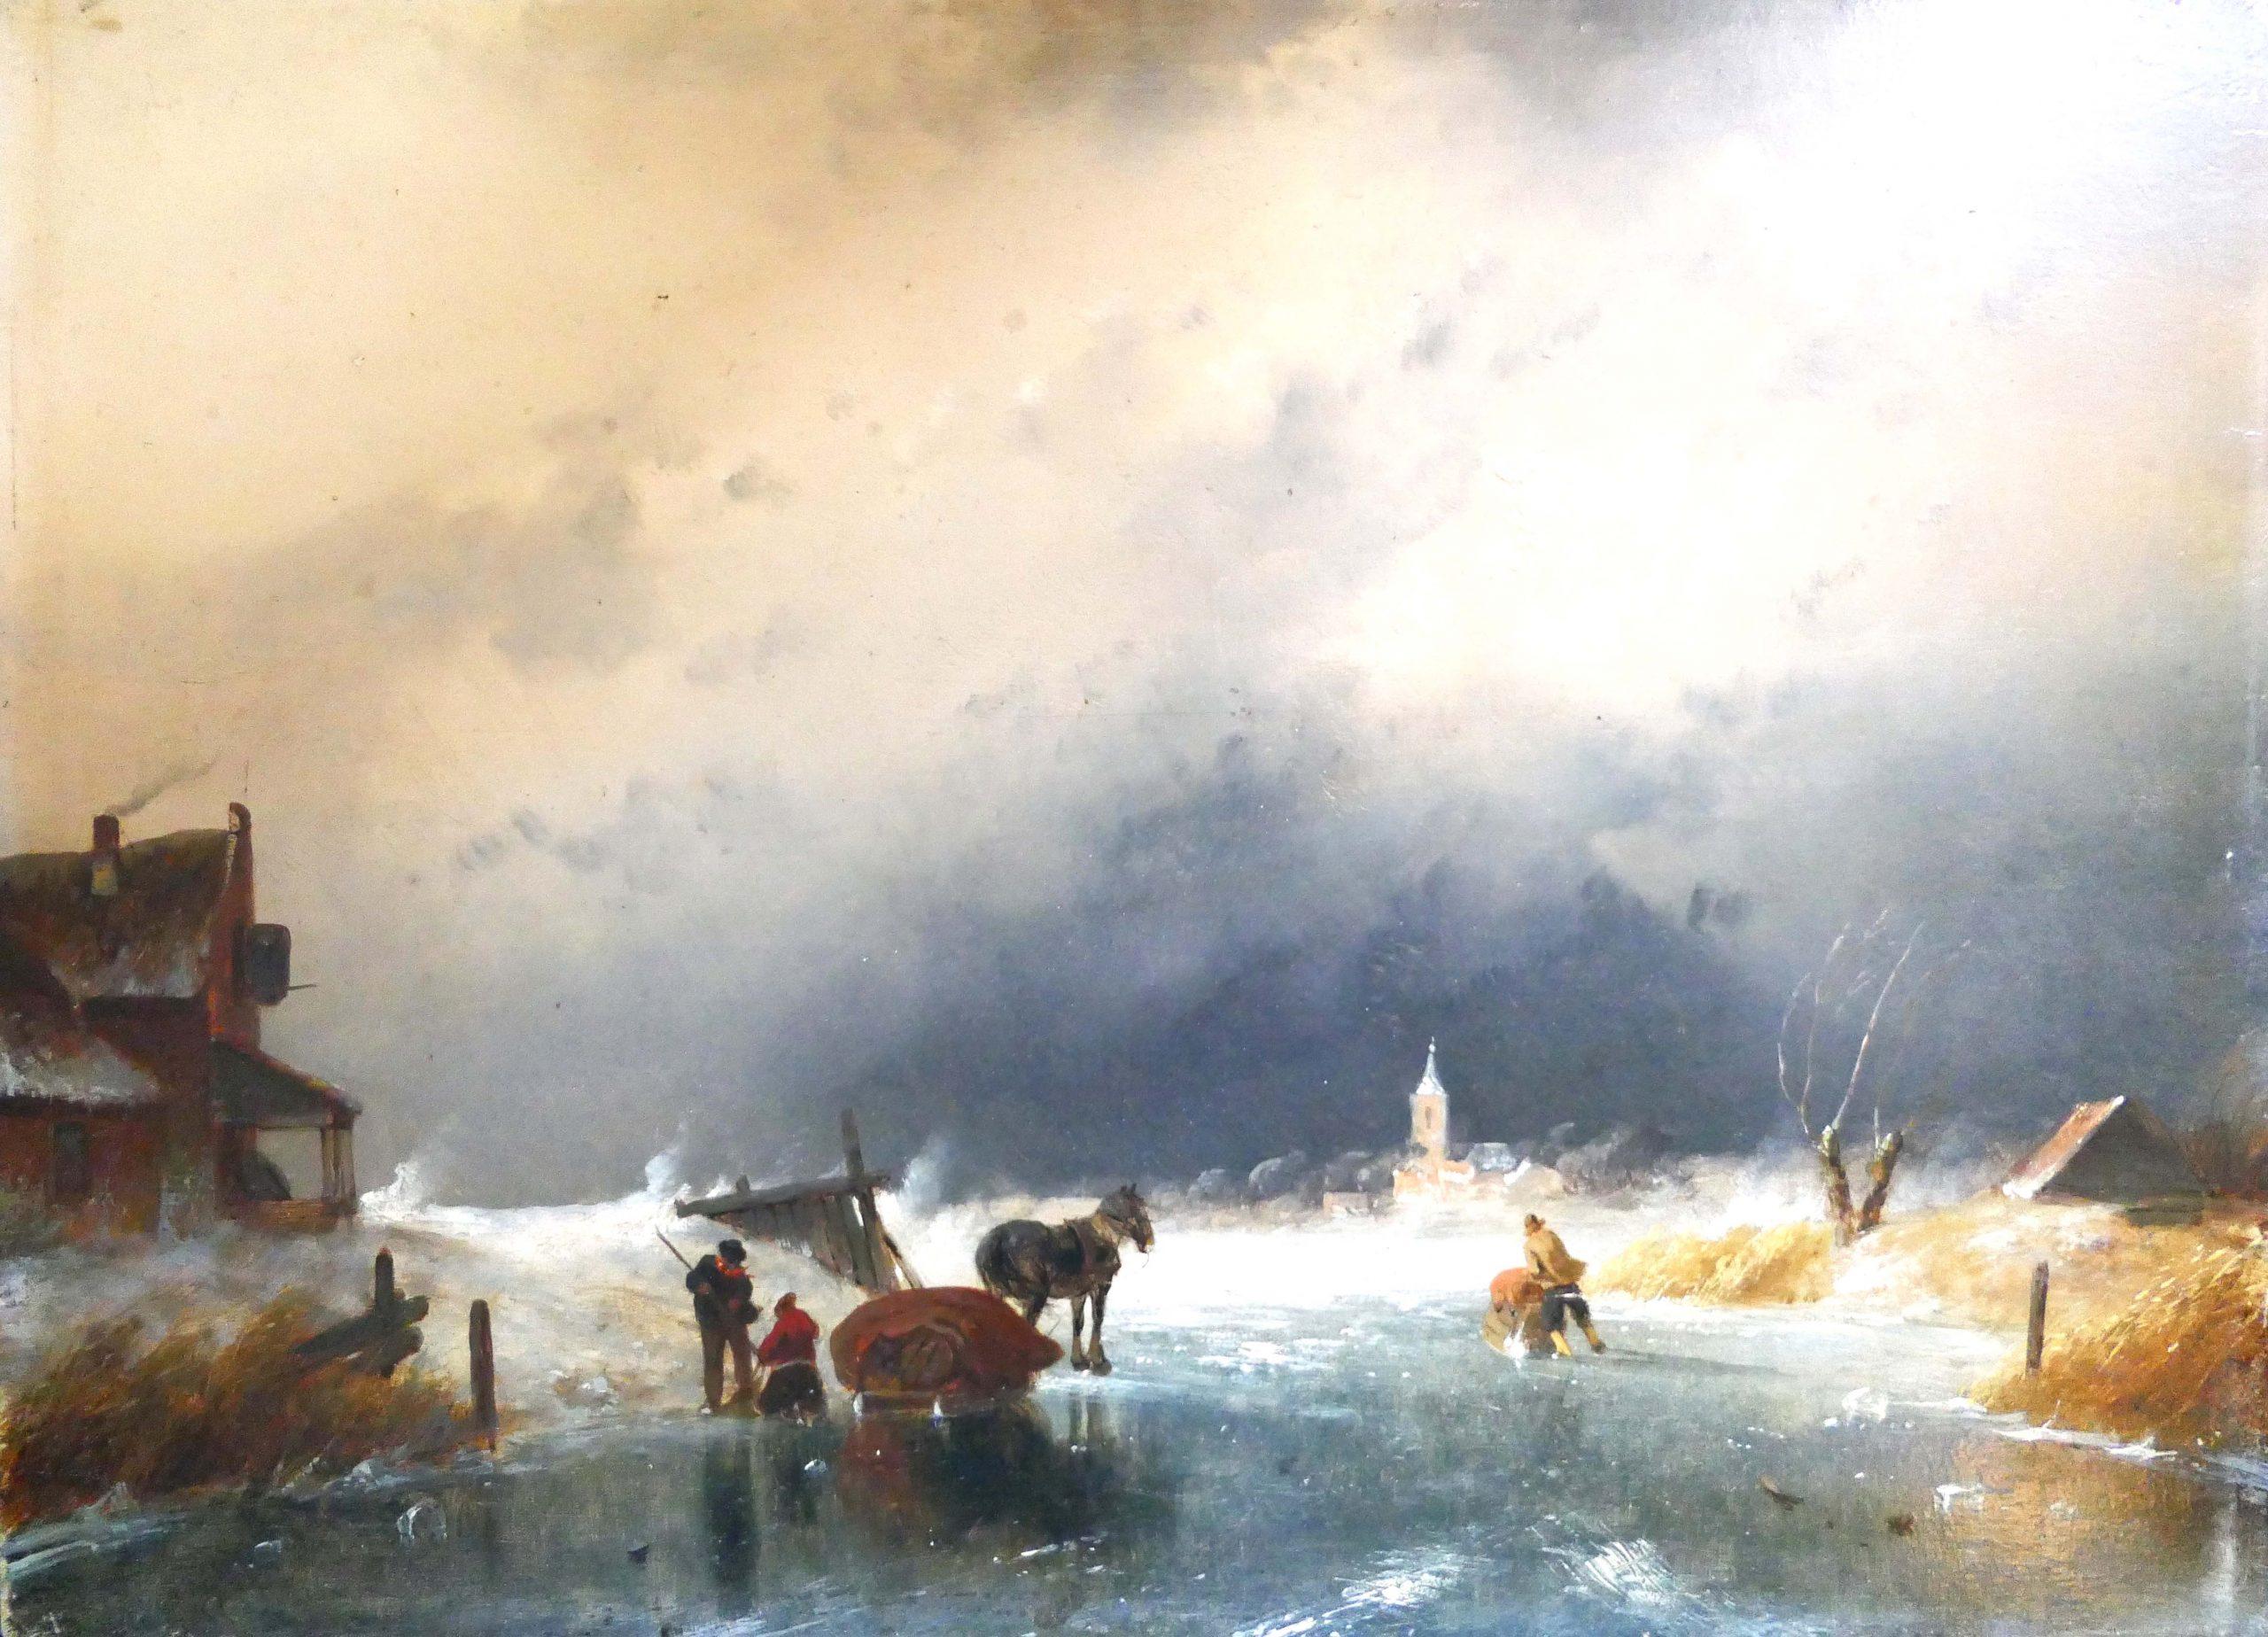 Charles Leickert - Sneeuw in de lucht - Liquid Sky Gallery